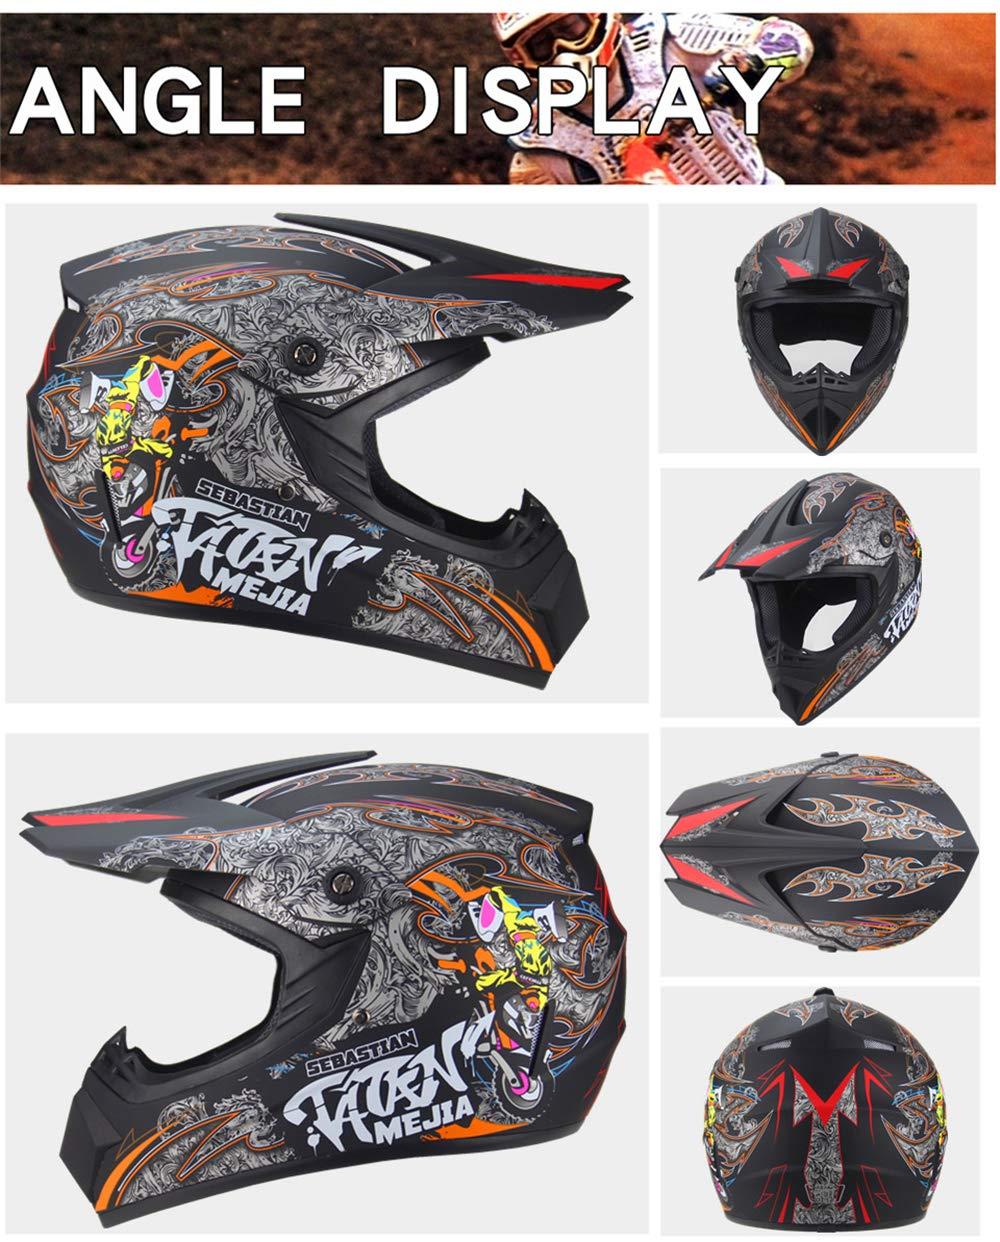 52~55cm Moto DH Enduro VTT Descente Dirt Bikes Quad Casque de Moto Cross pour Les Enfants et Les Adultes Bleu, S Casque de Moto-Cross avec Lunettes de Protection Gants Masque